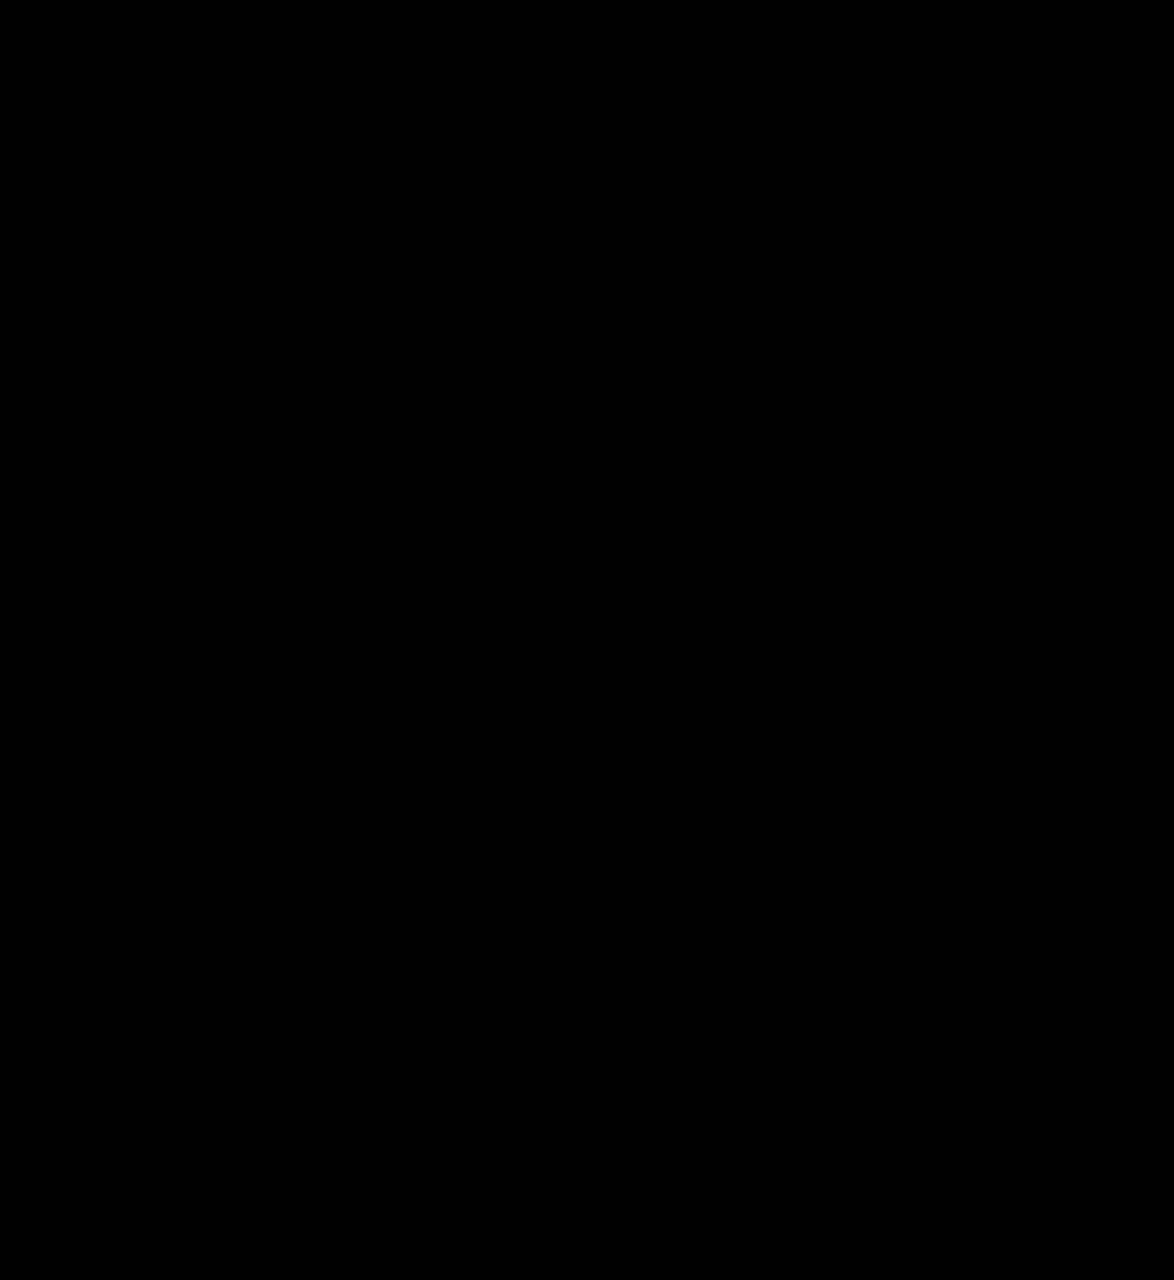 piano, silhouette, black